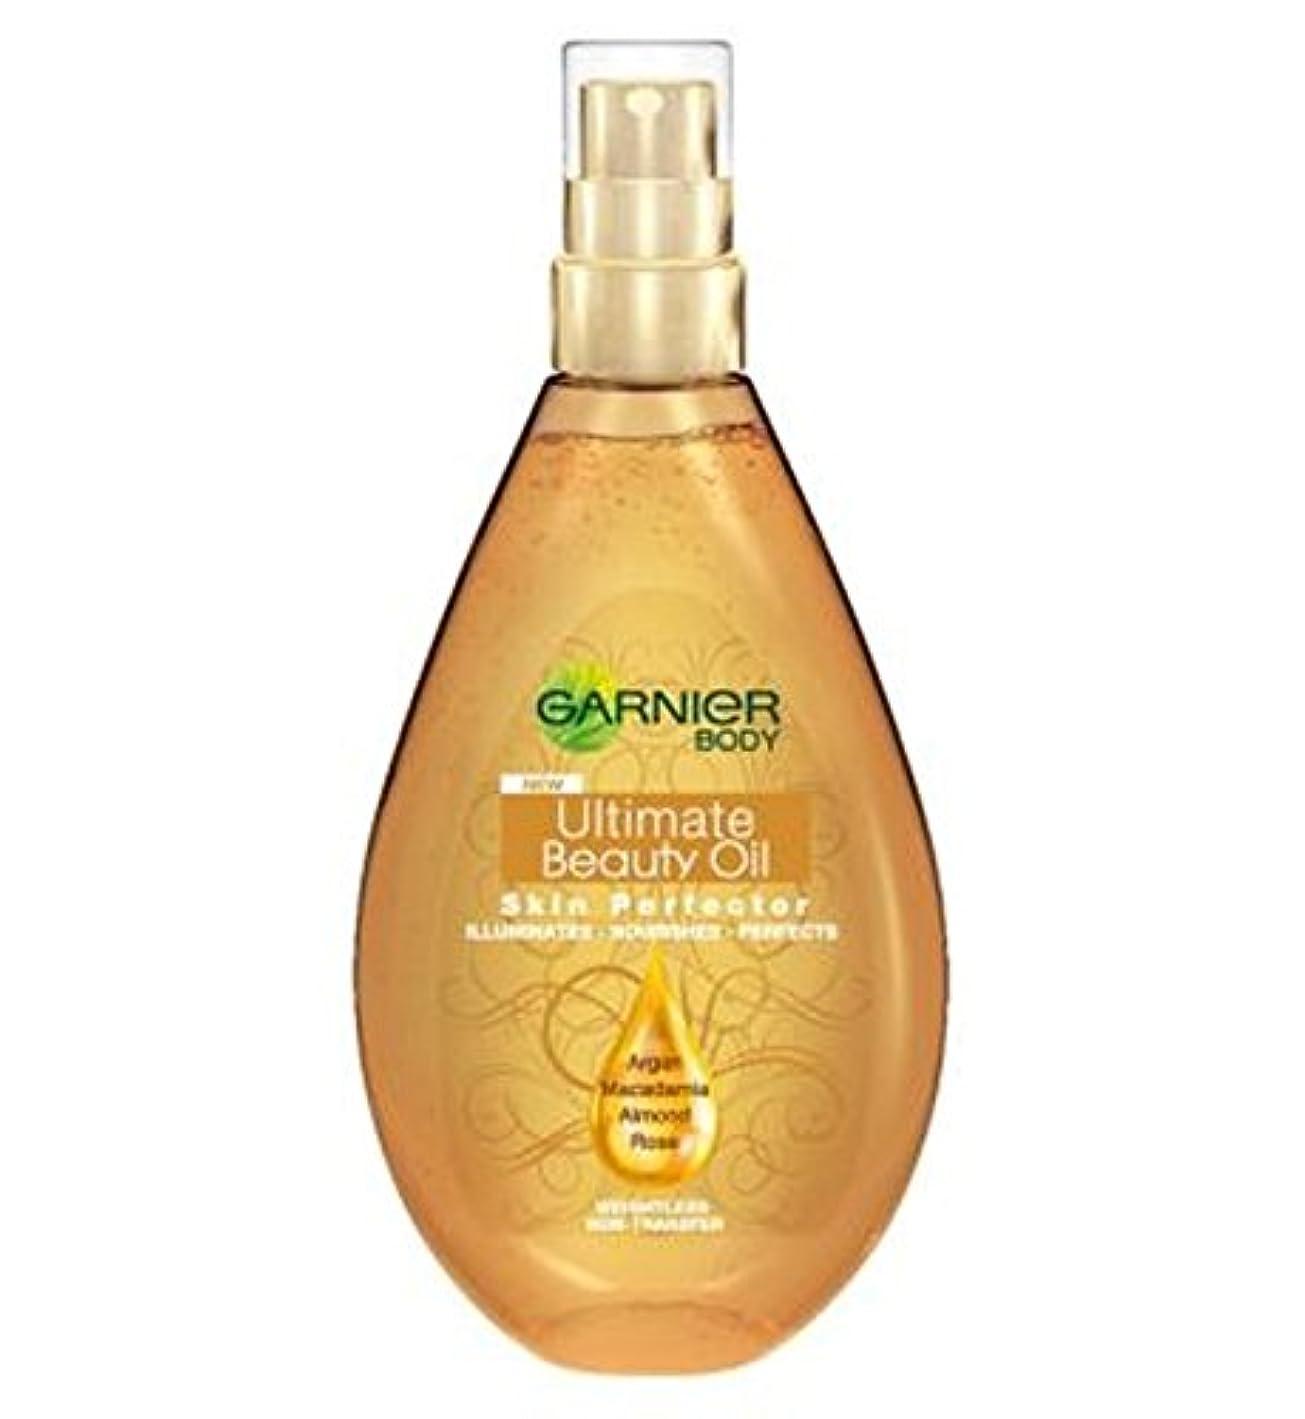 スカープオズワルドくちばしガルニエ究極の美容オイルスキンパーフェクの150ミリリットル (Garnier) (x2) - Garnier Ultimate Beauty Oil Skin Perfector 150ml (Pack of 2) [並行輸入品]